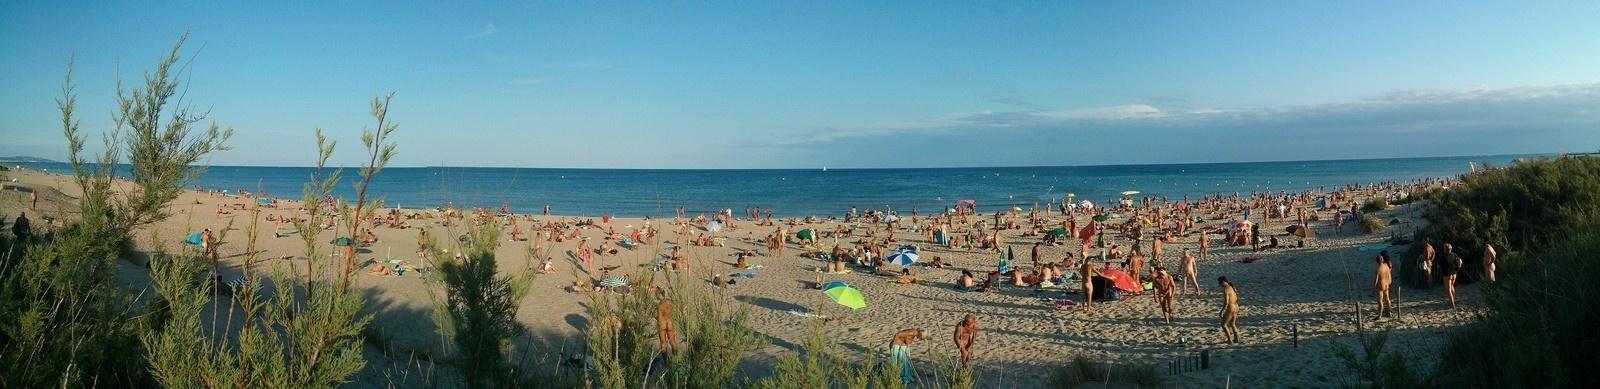 Bãi biển khỏa thân nổi tiếng của nước Pháp